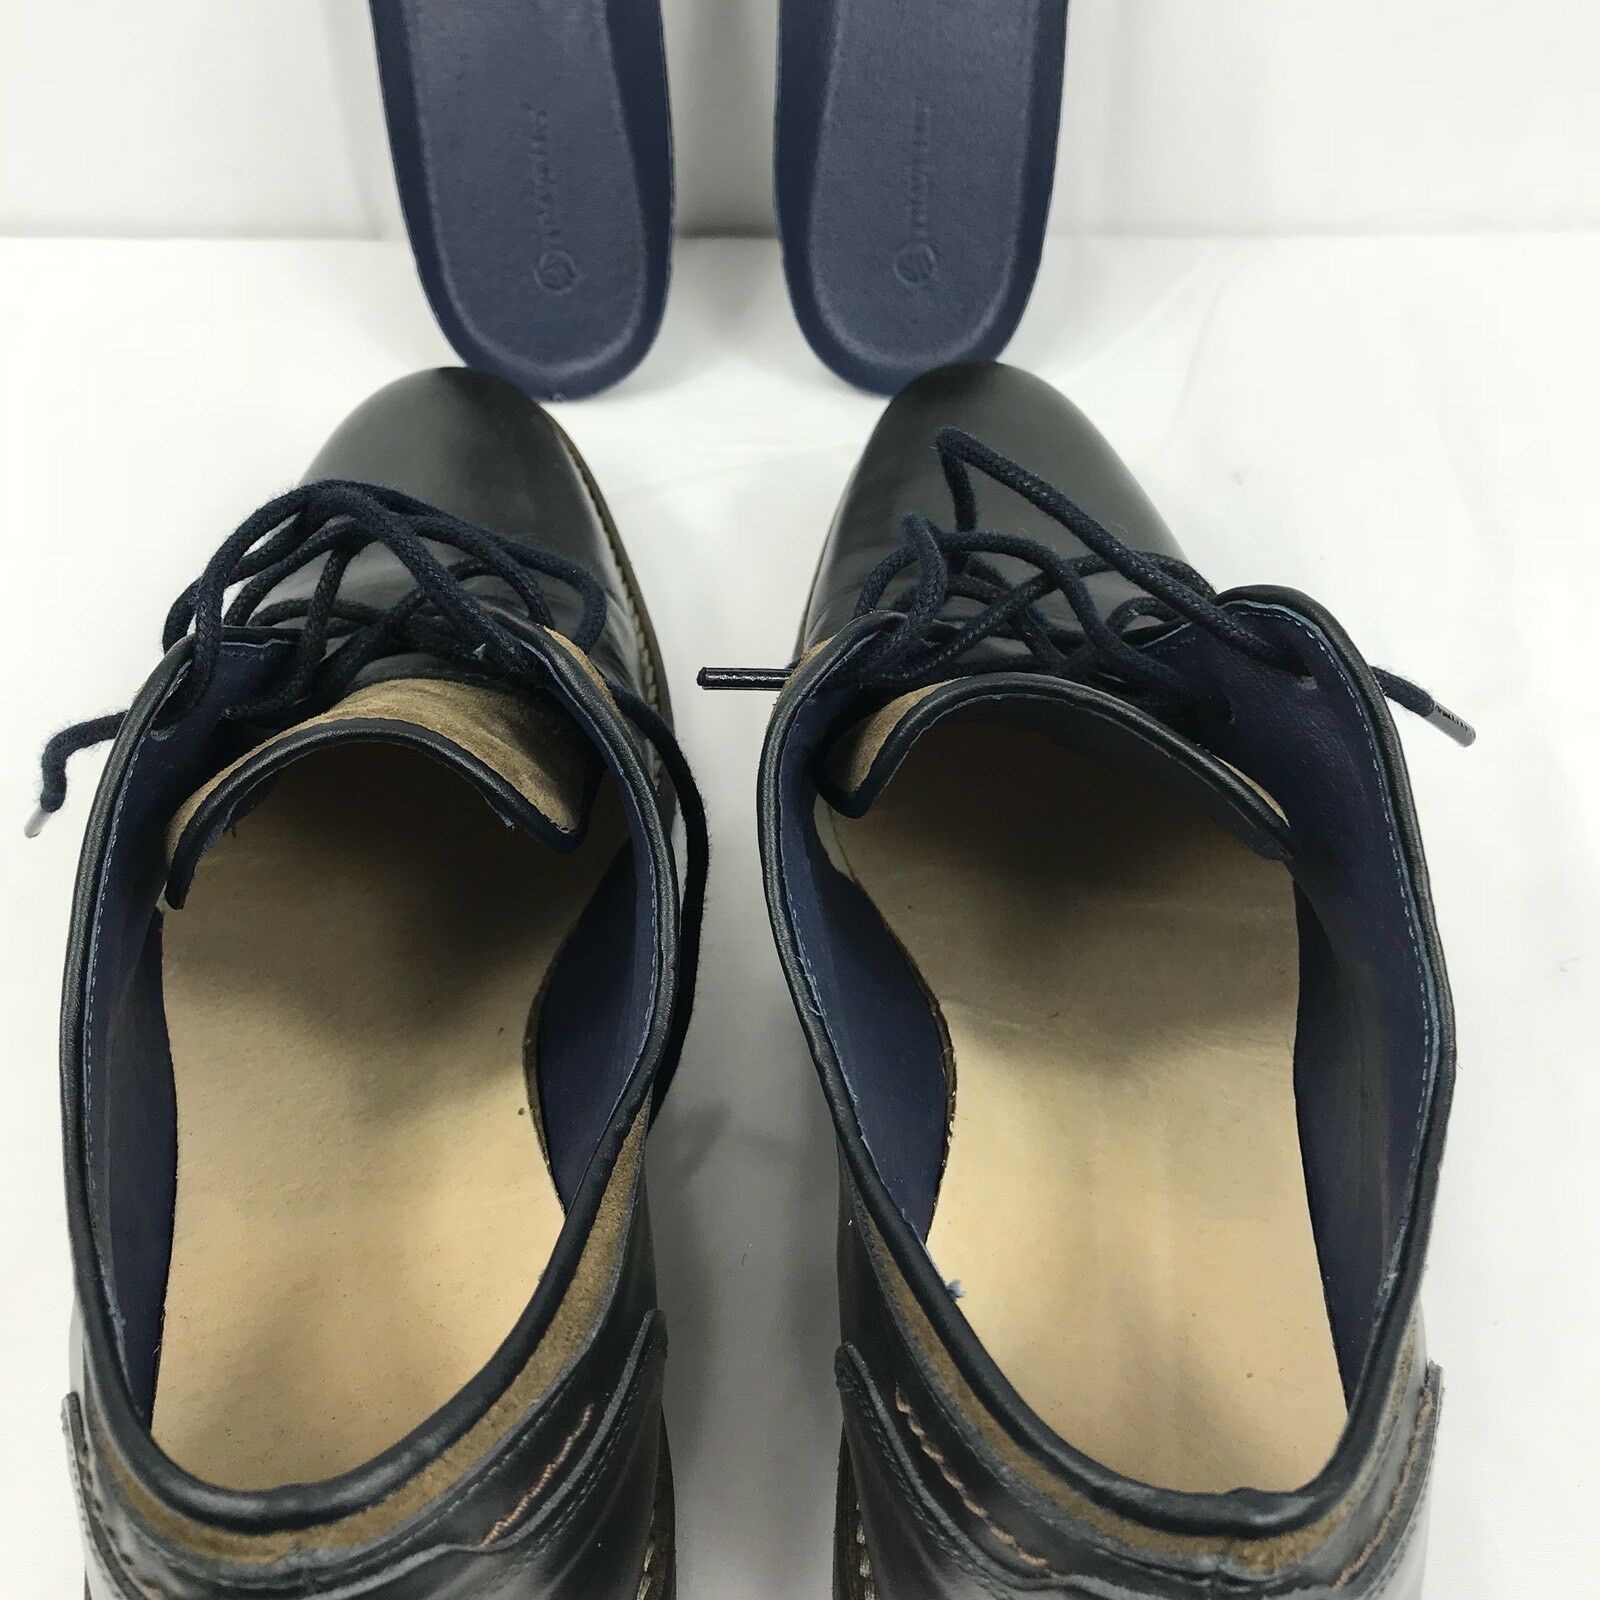 Travelin 'Nuevocastle LOW para Oscuro Hombre Zapatos Azul Oscuro para Hecho a mano en Europa UE EE. UU. 10 6ec0ac